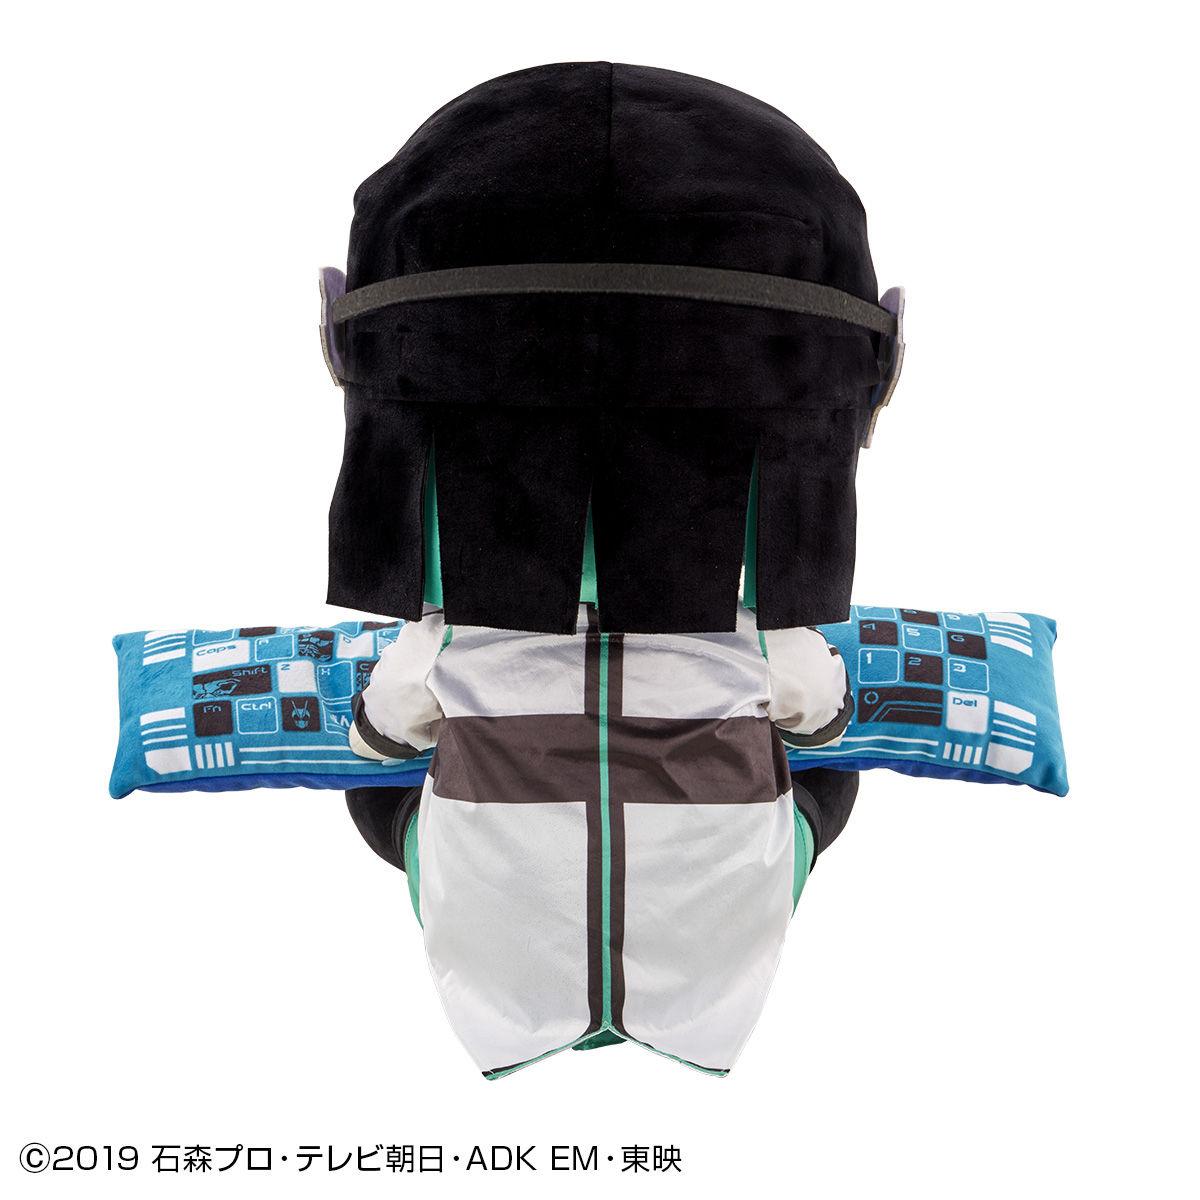 【限定販売】PCクッション『イズ』仮面ライダーゼロワン ぬいぐるみ-004